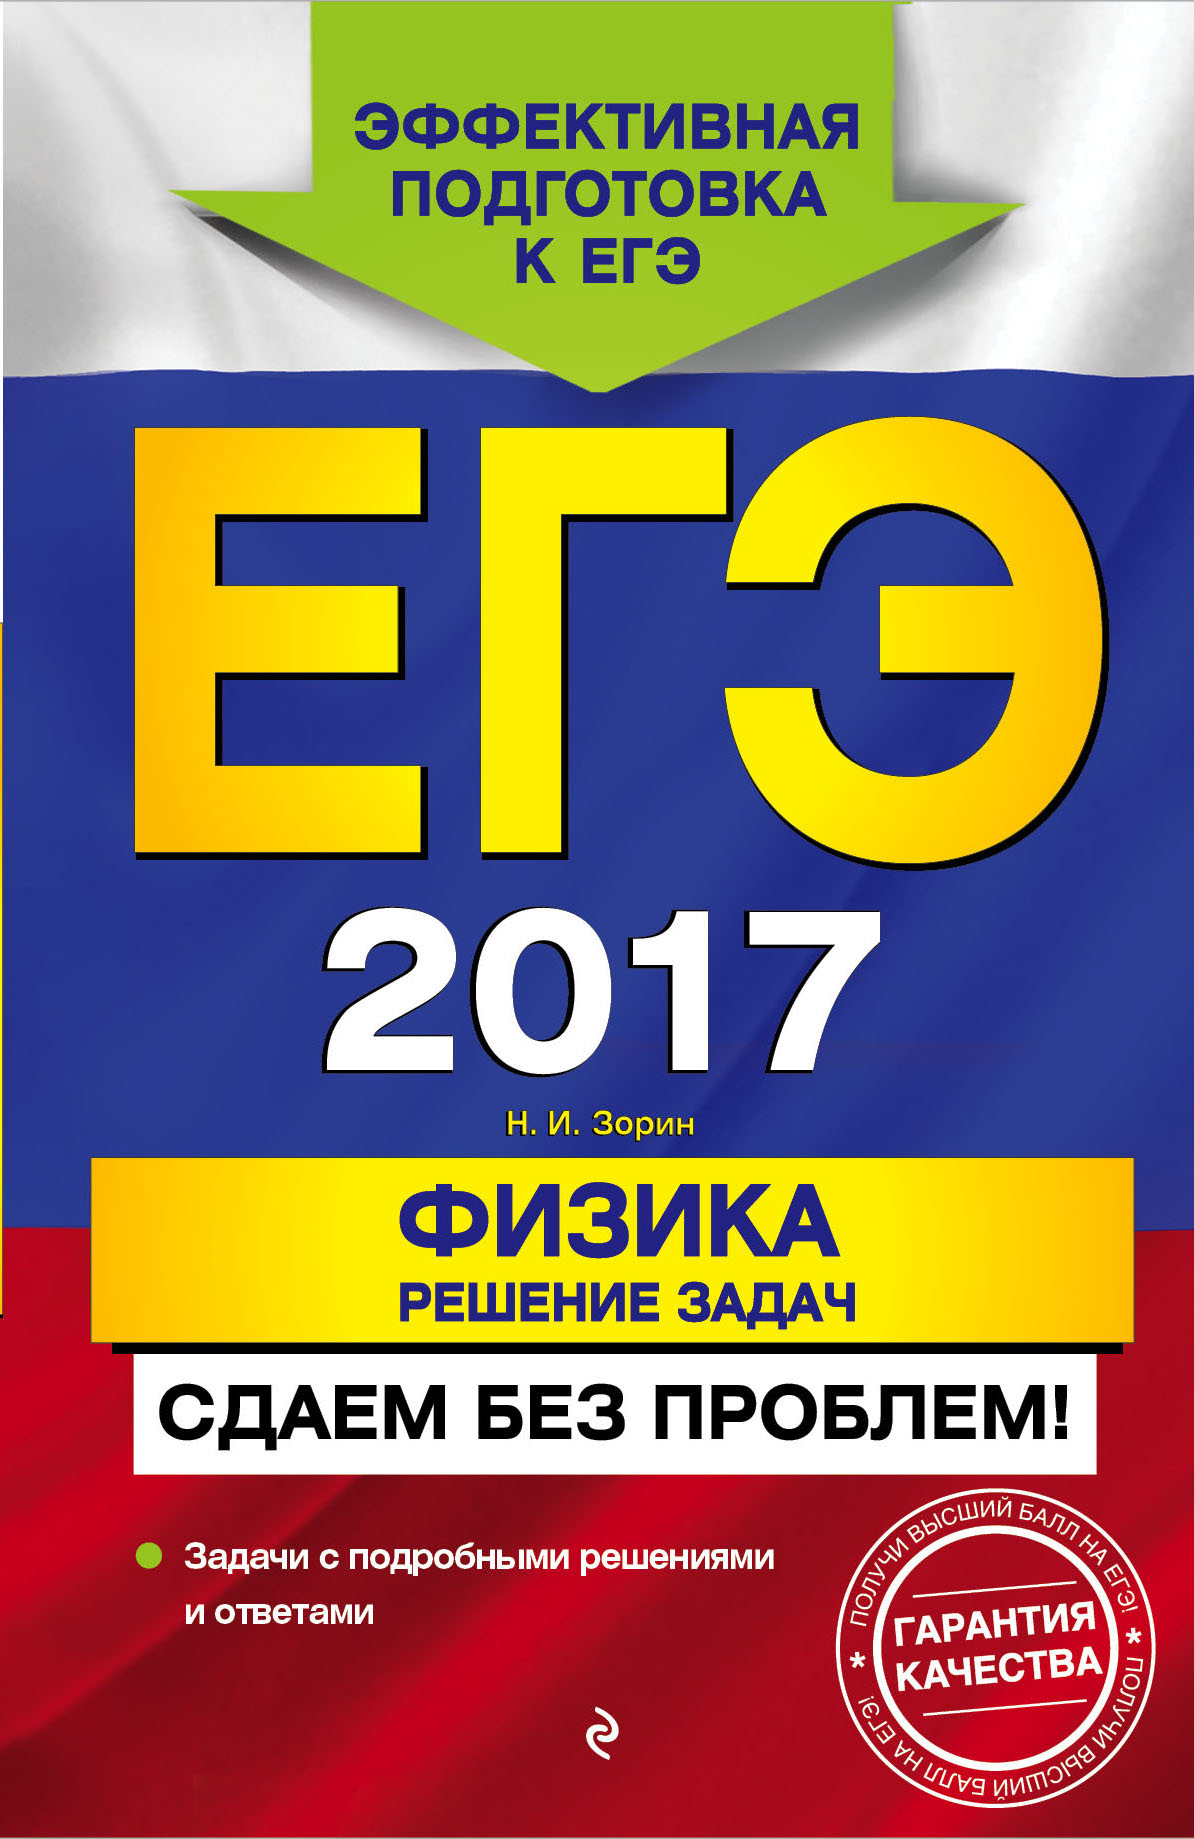 ЕГЭ-2017. Физика. Решение задач. Сдаем без проблем! от book24.ru